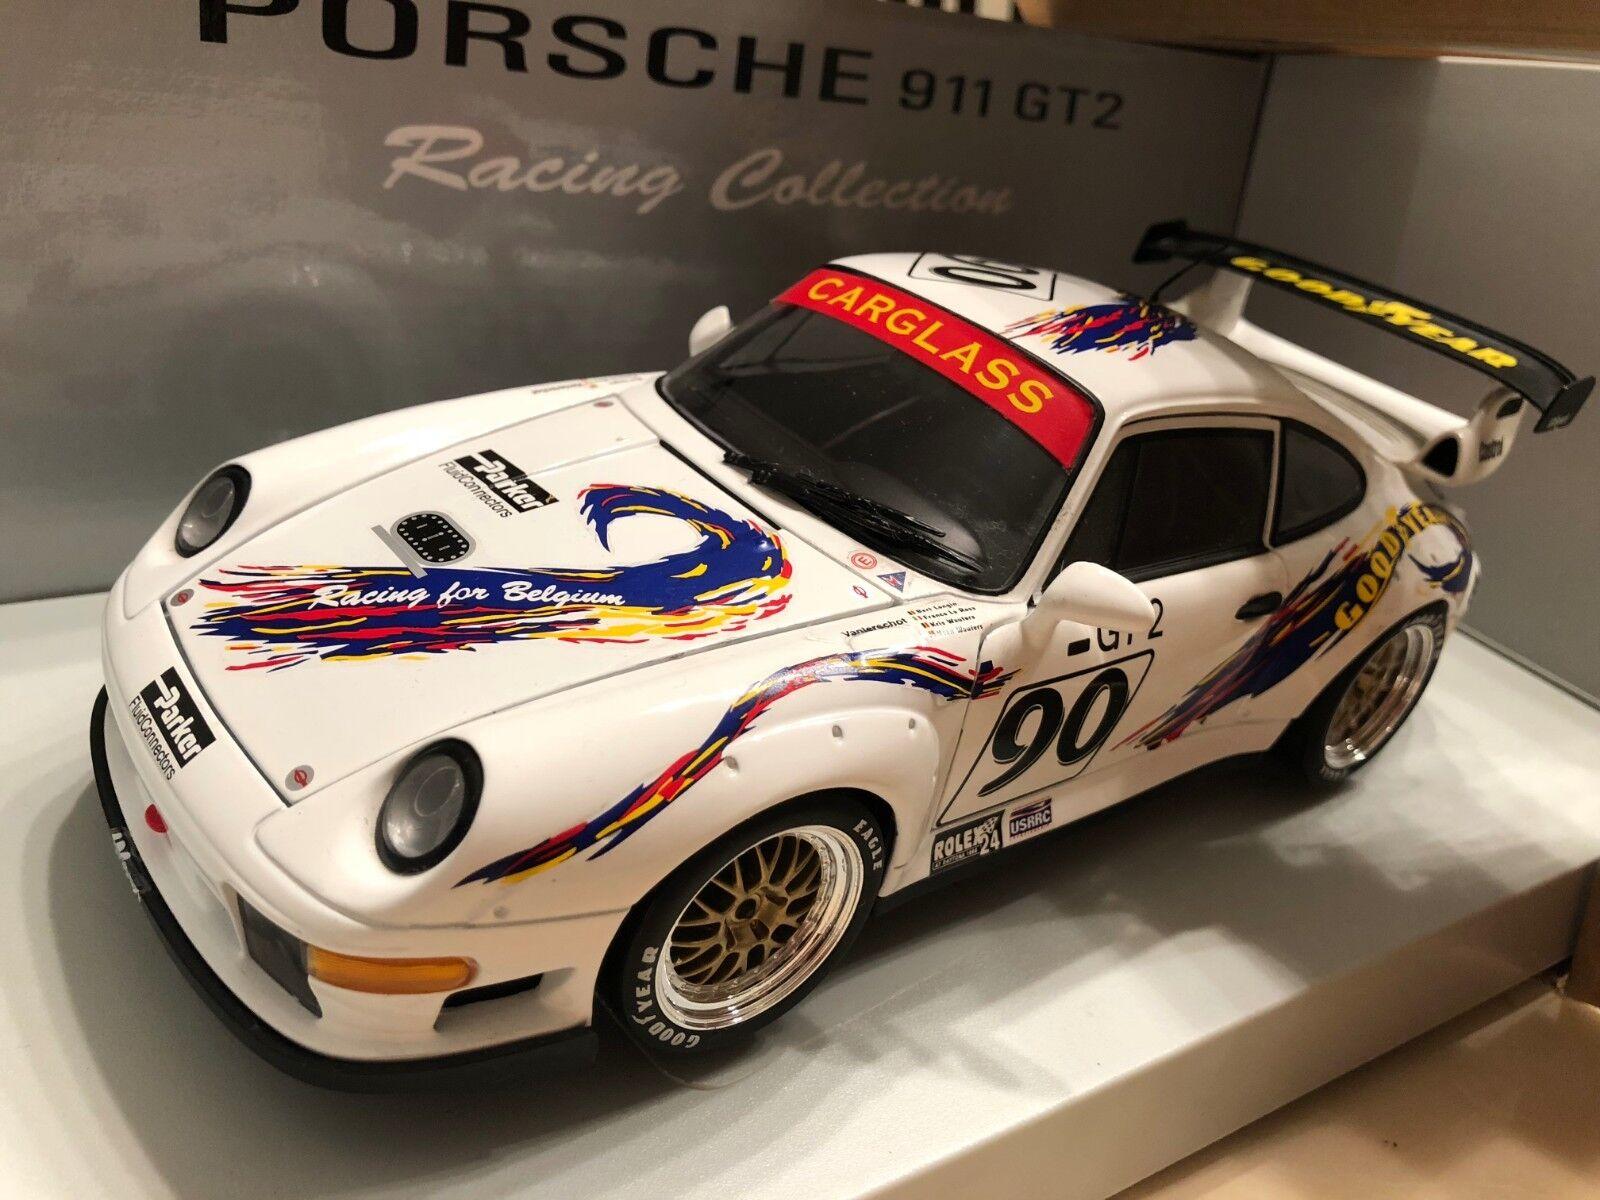 Porsche 911 GT2  - Rare UT model - Daytona 1998